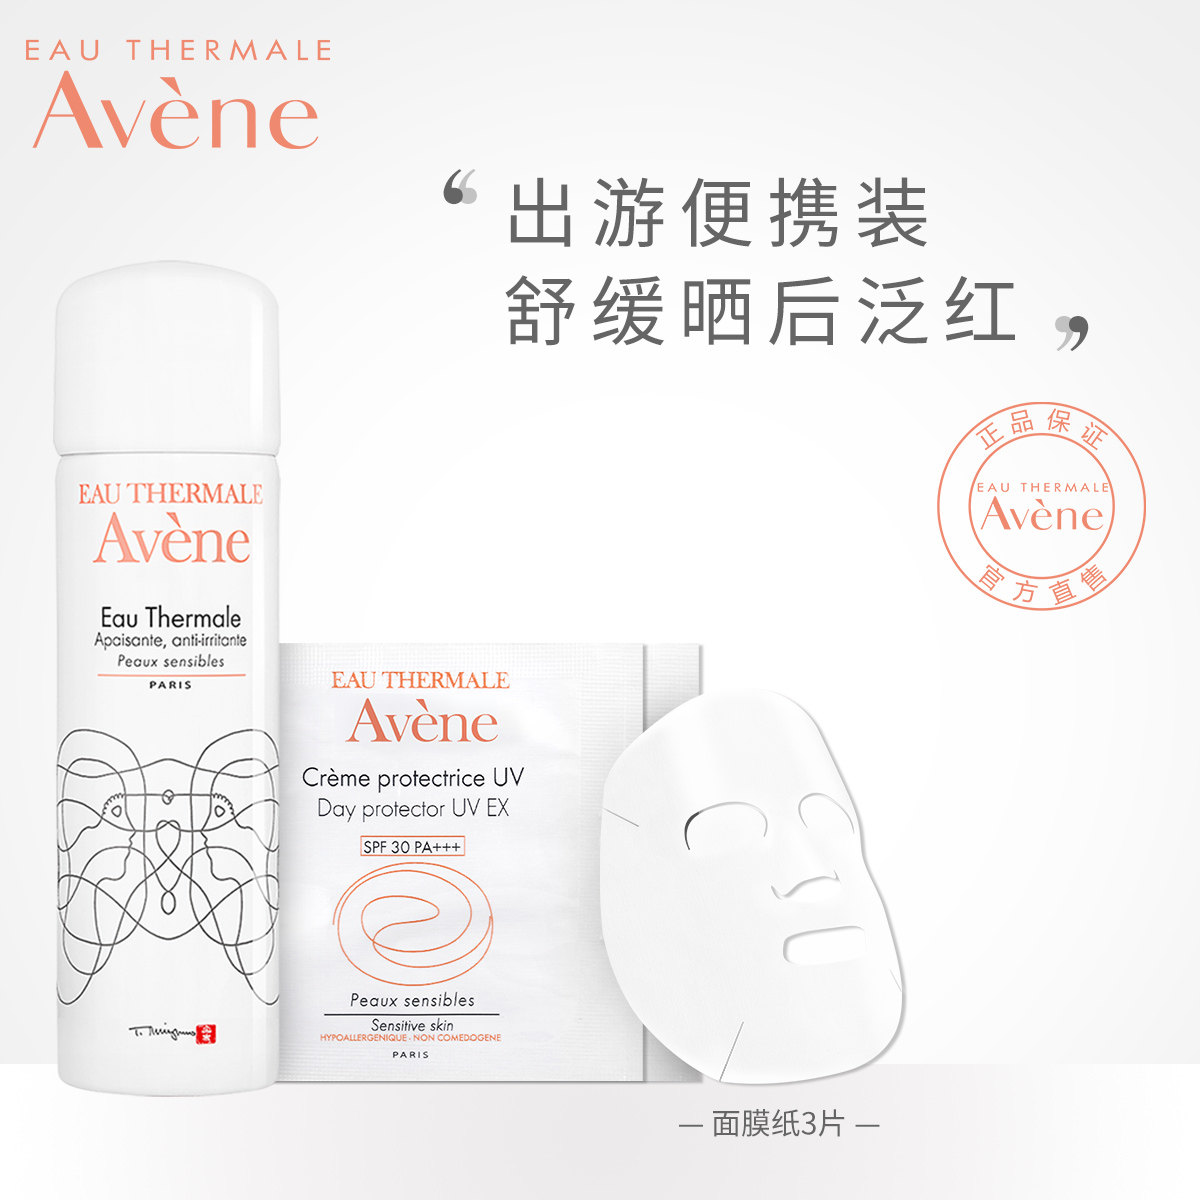 雅漾 舒緩補水保溼出遊旅行護膚小套裝 試用體驗裝護膚品女